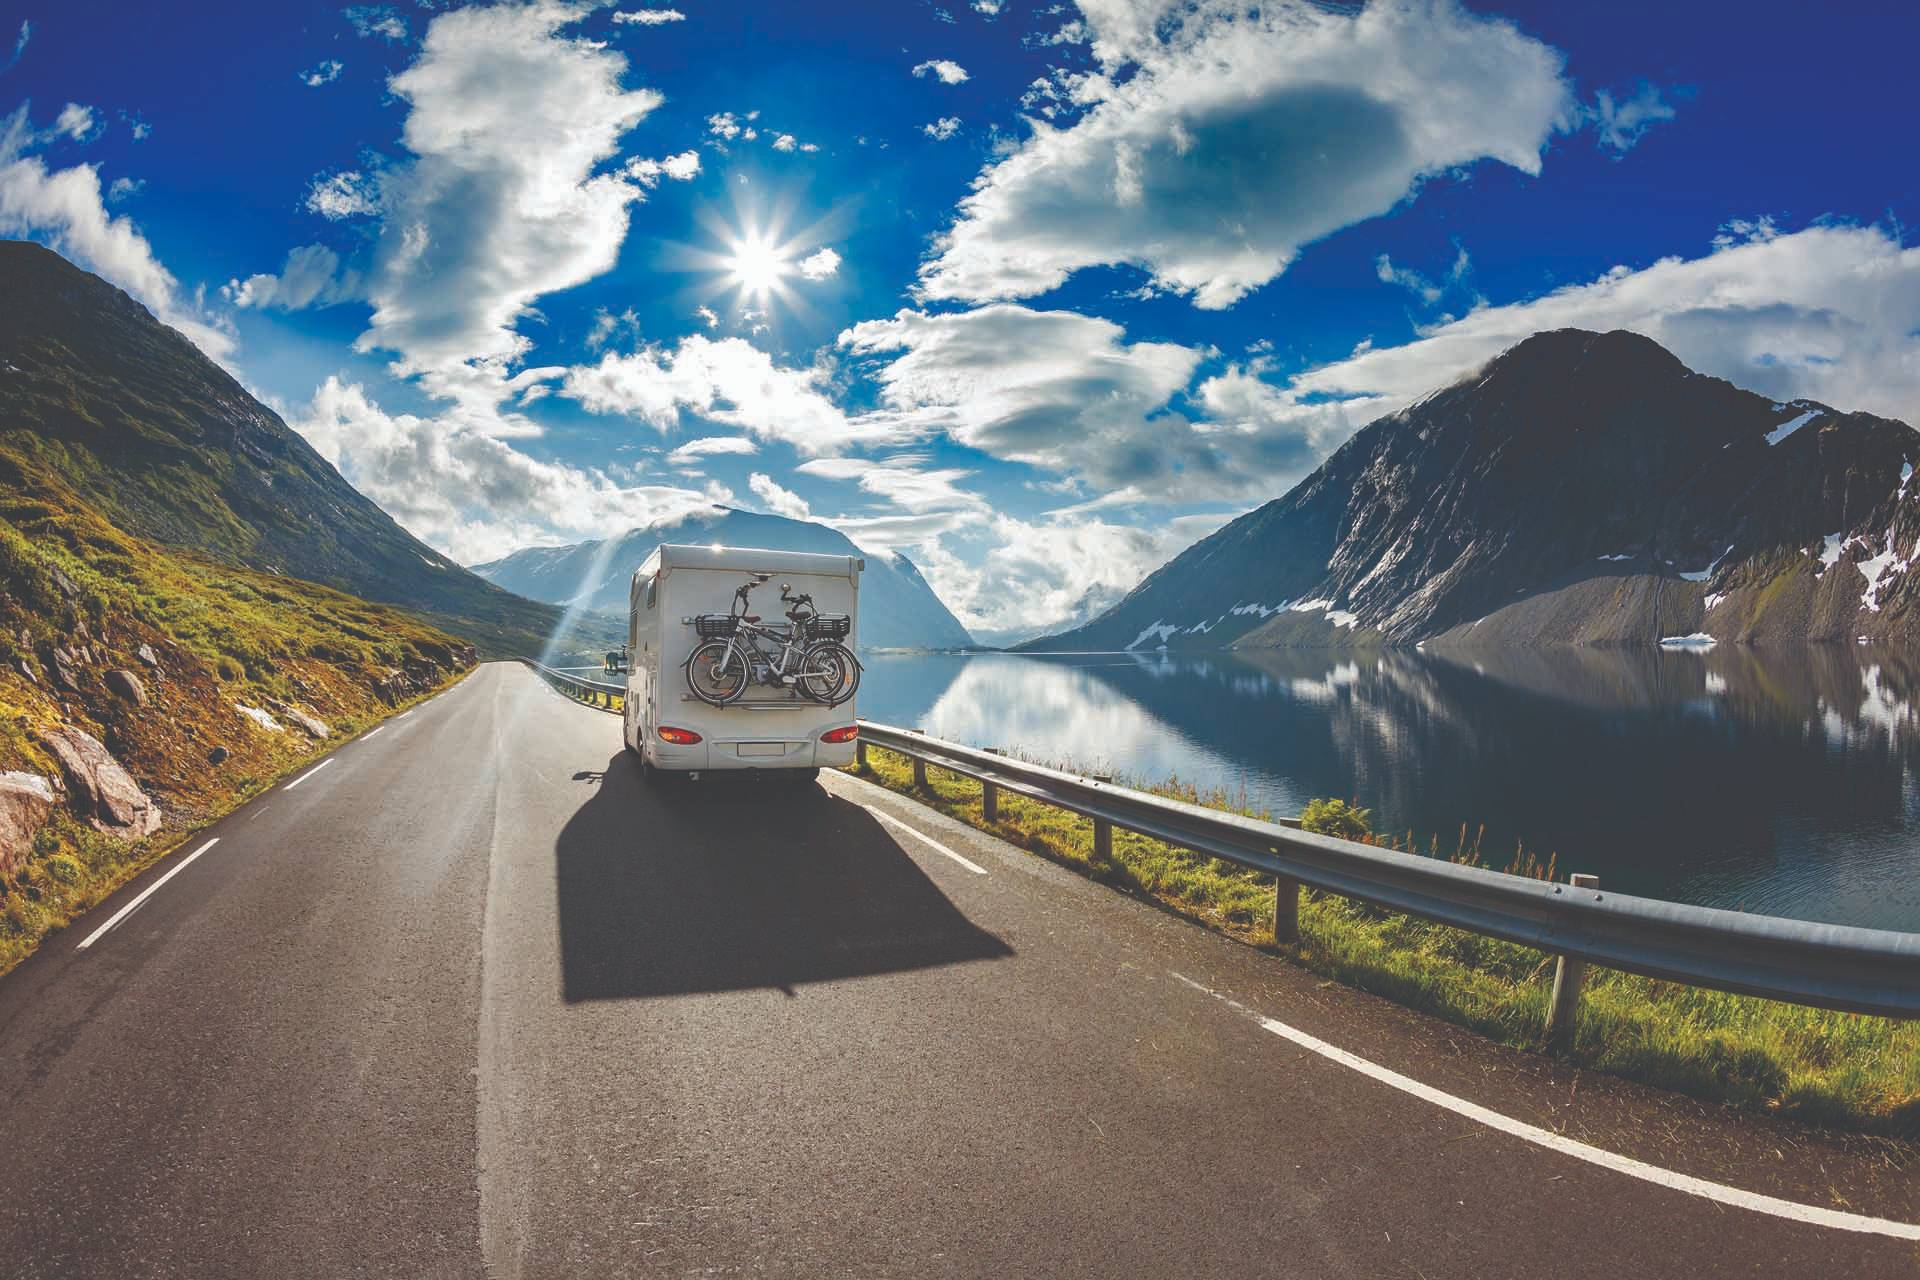 An RV driving own a road